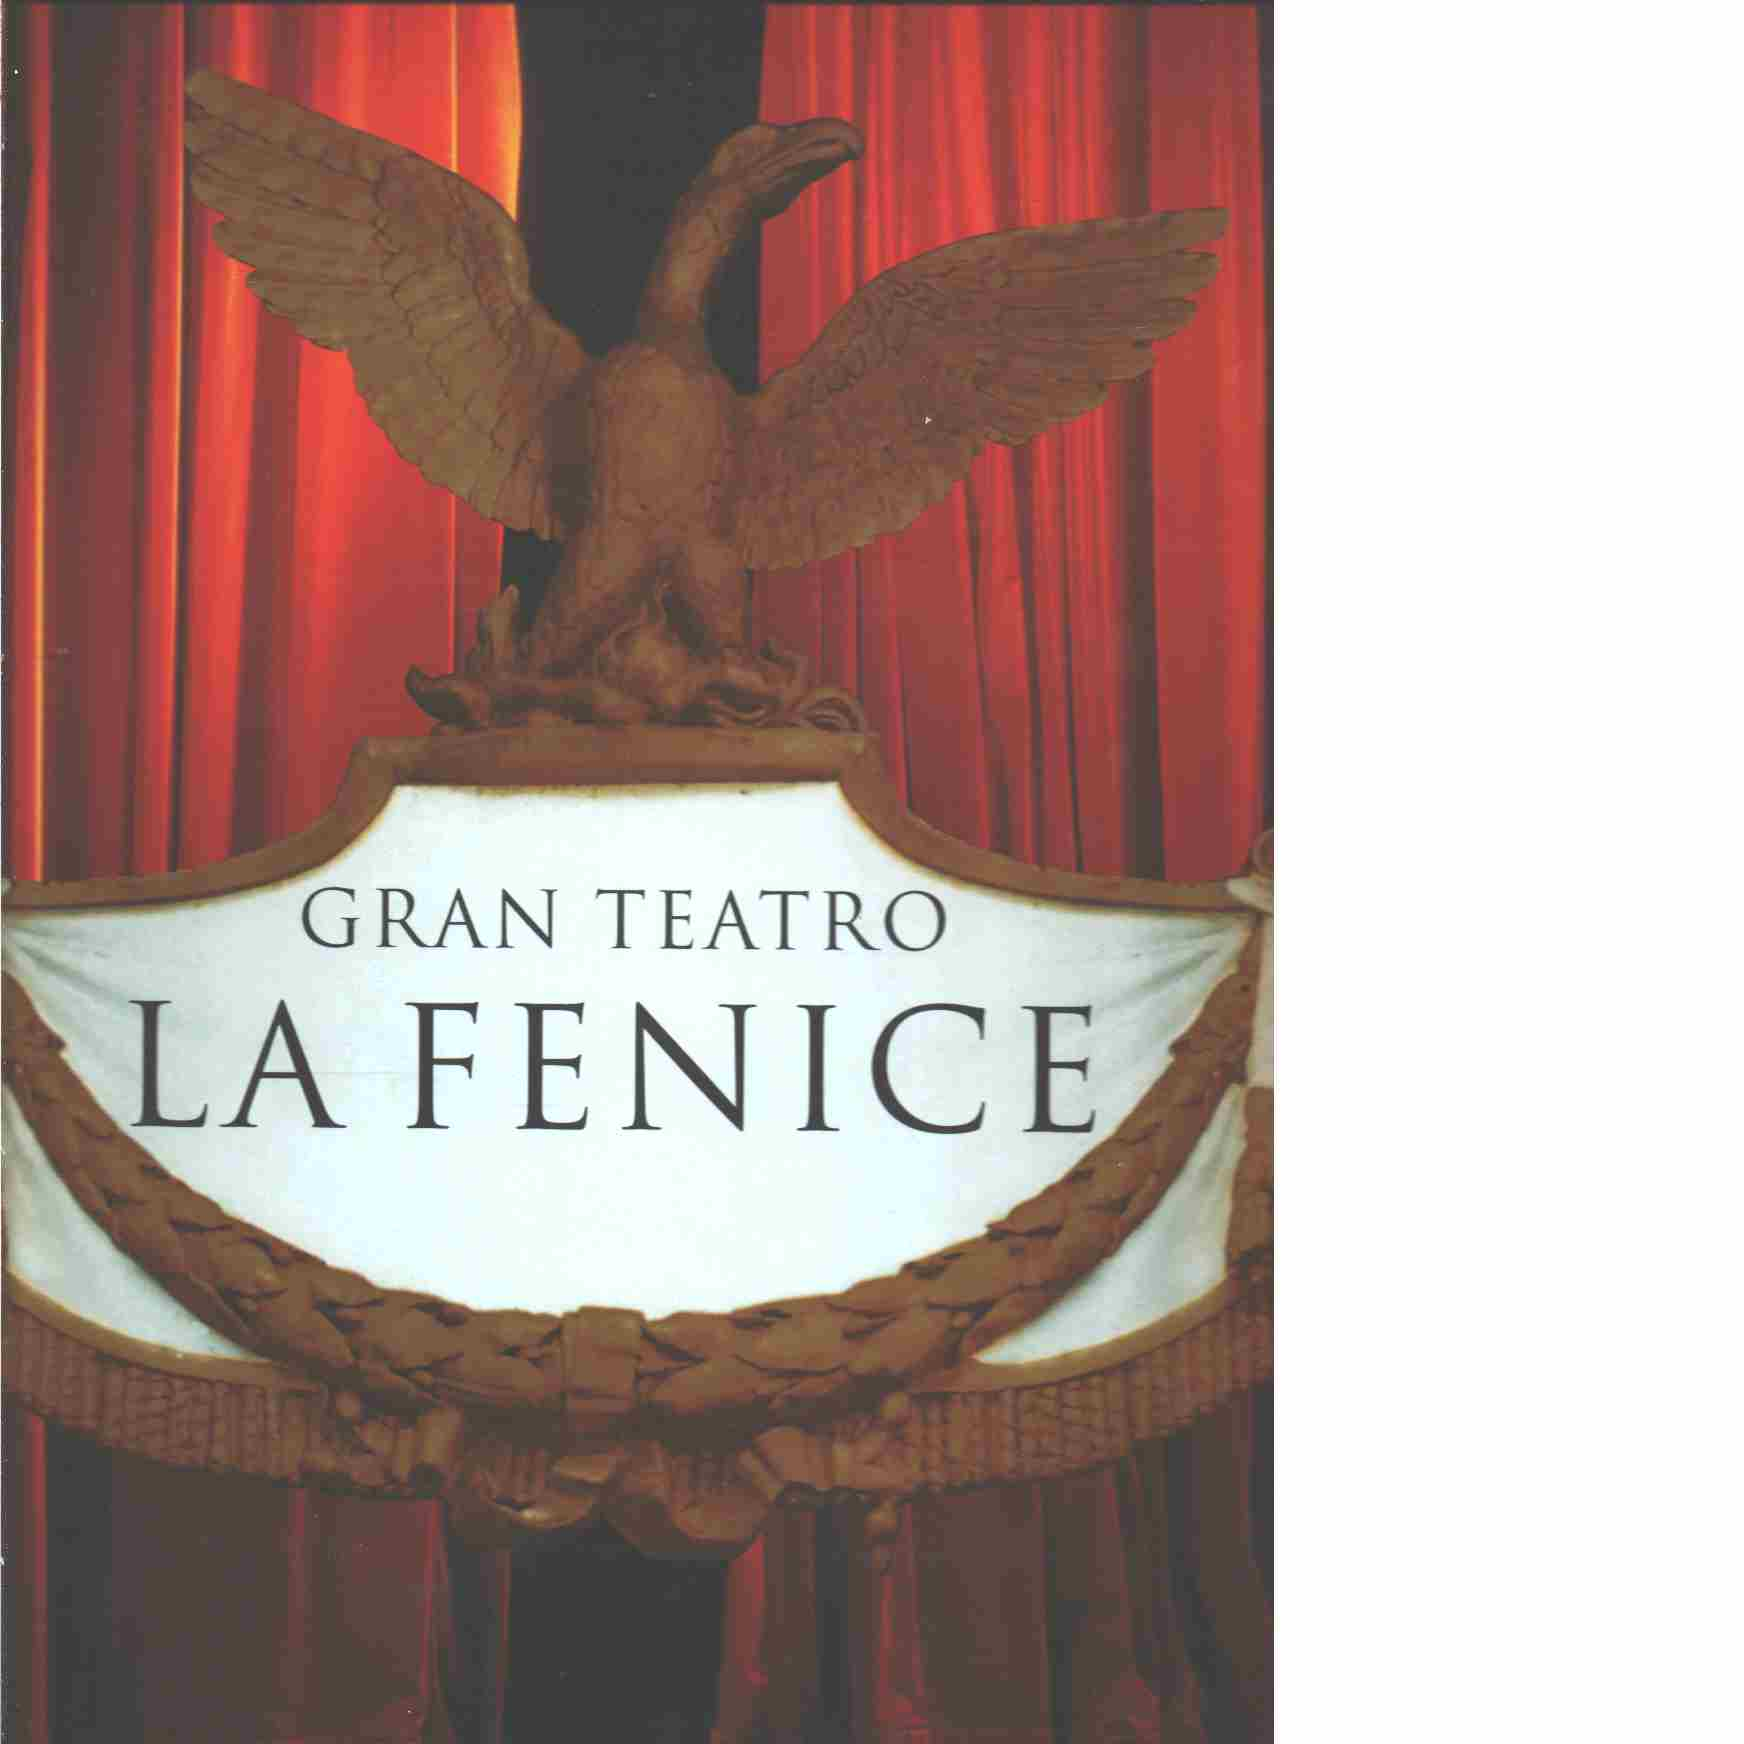 Gran Teatro La Fenice - Romanelli, Giandomenico